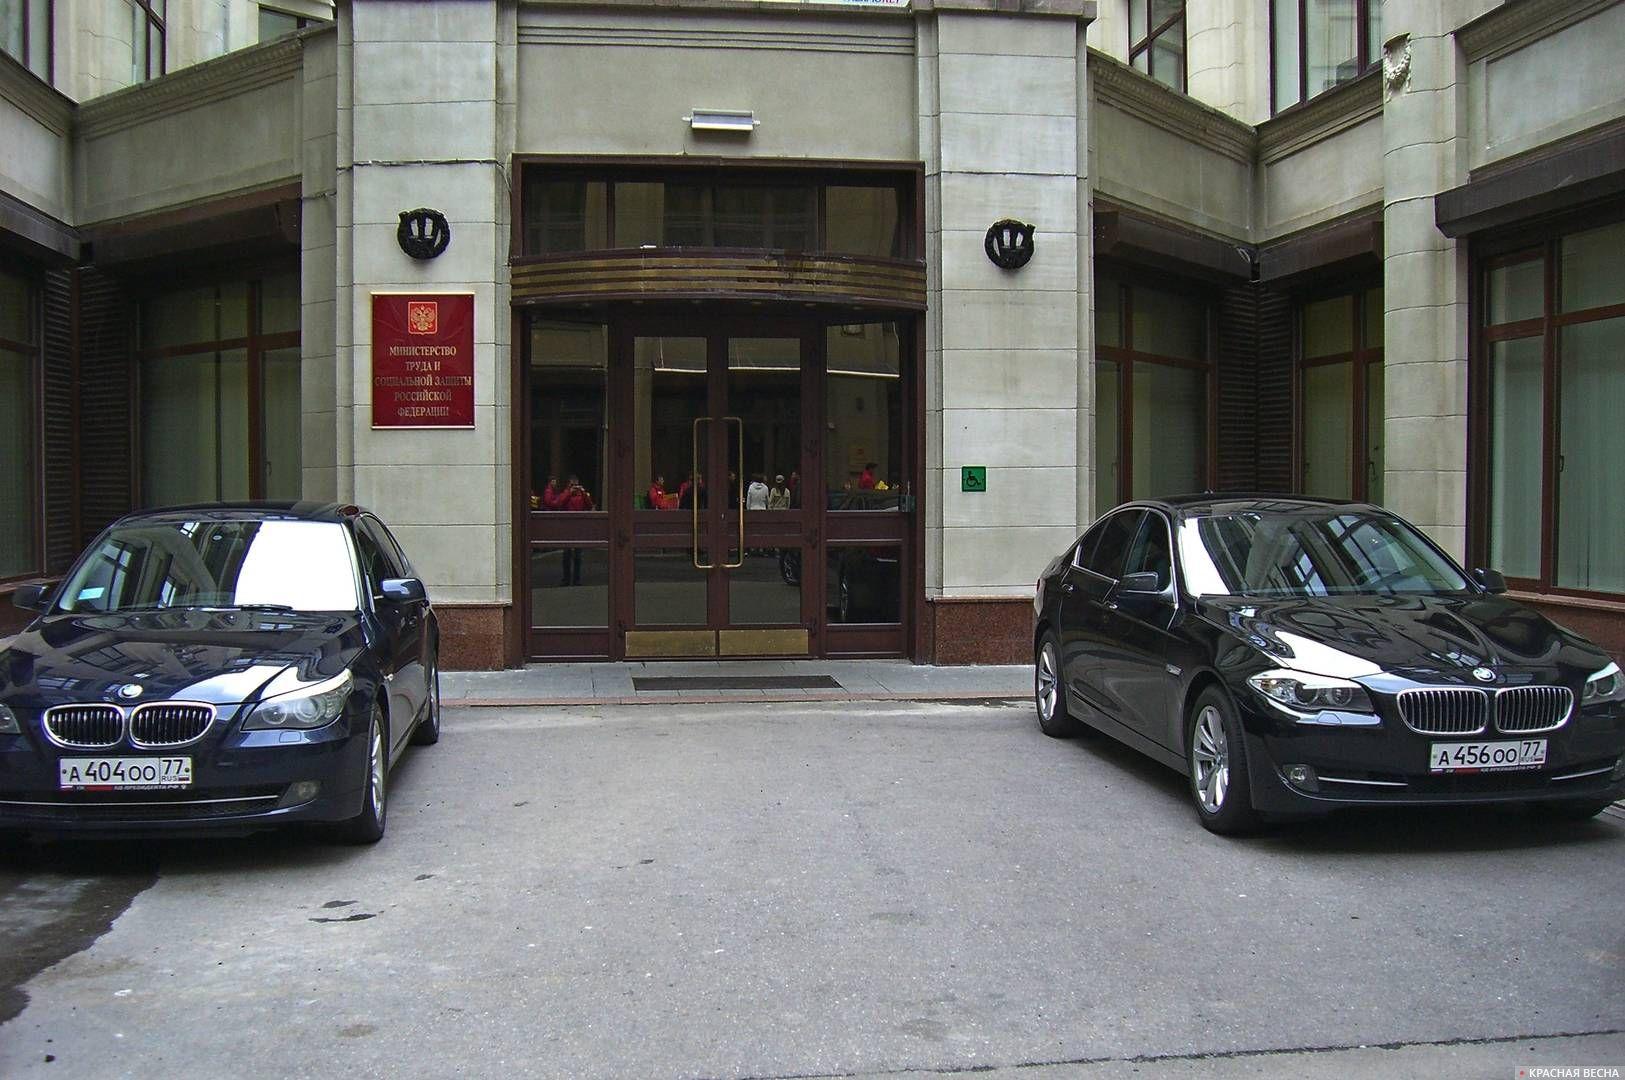 Министерство труда и социальной защиты. Москва. 25.09.2012